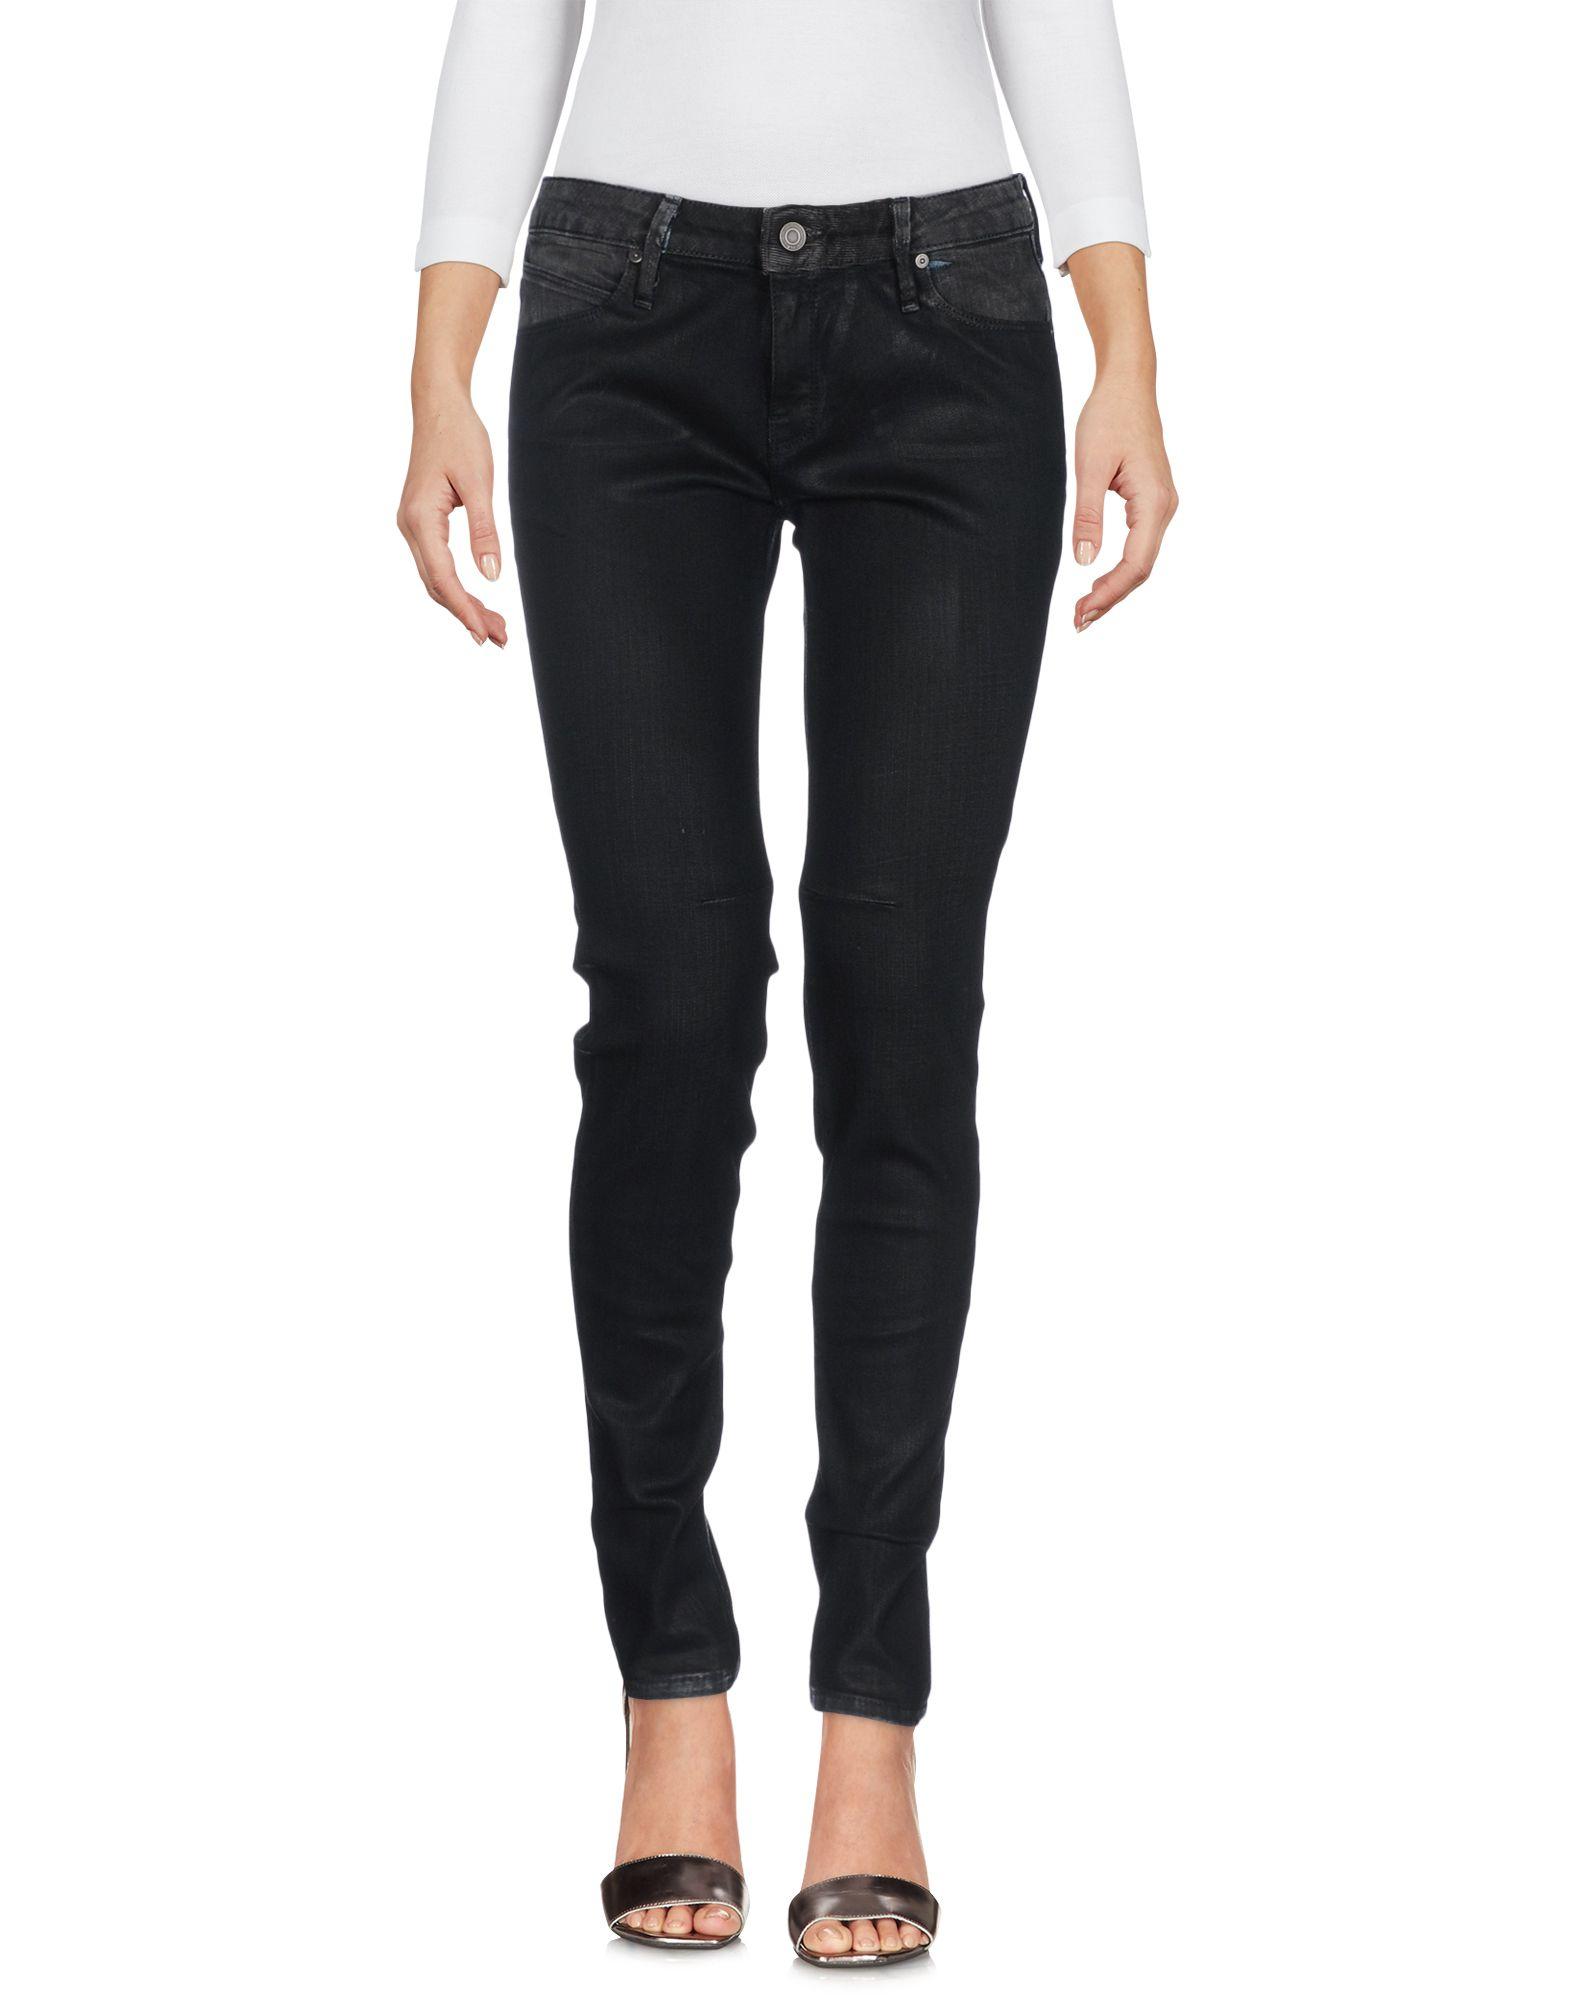 Pantaloni Jeans Rta Donna - Acquista online su 55E1zadz